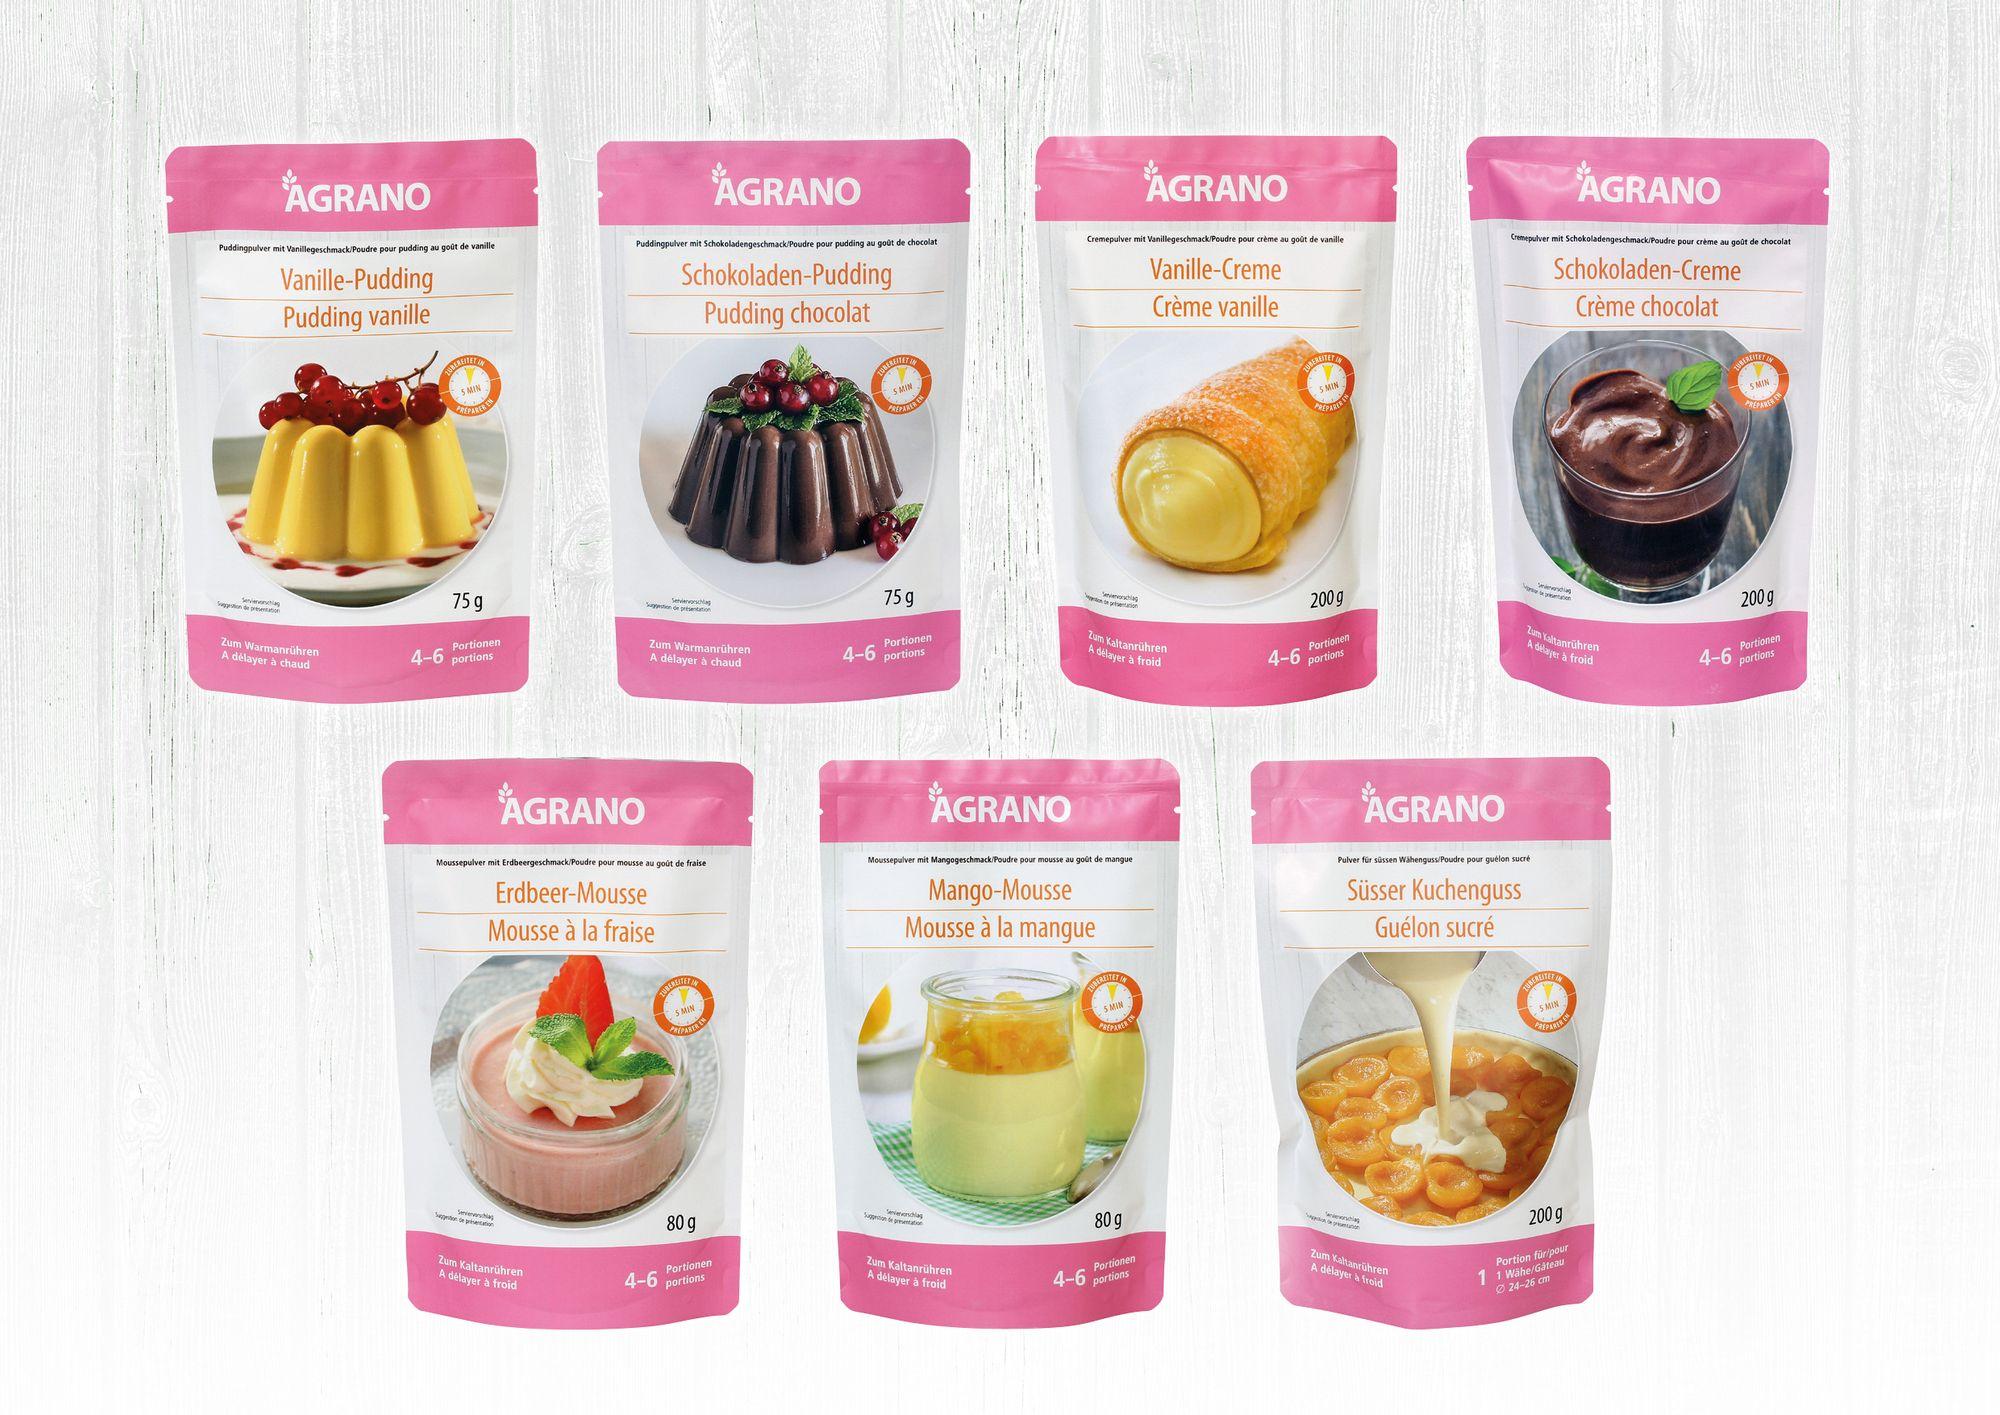 Agrano lanciert handliche Beutel für Mousses, Cremes und Puddings